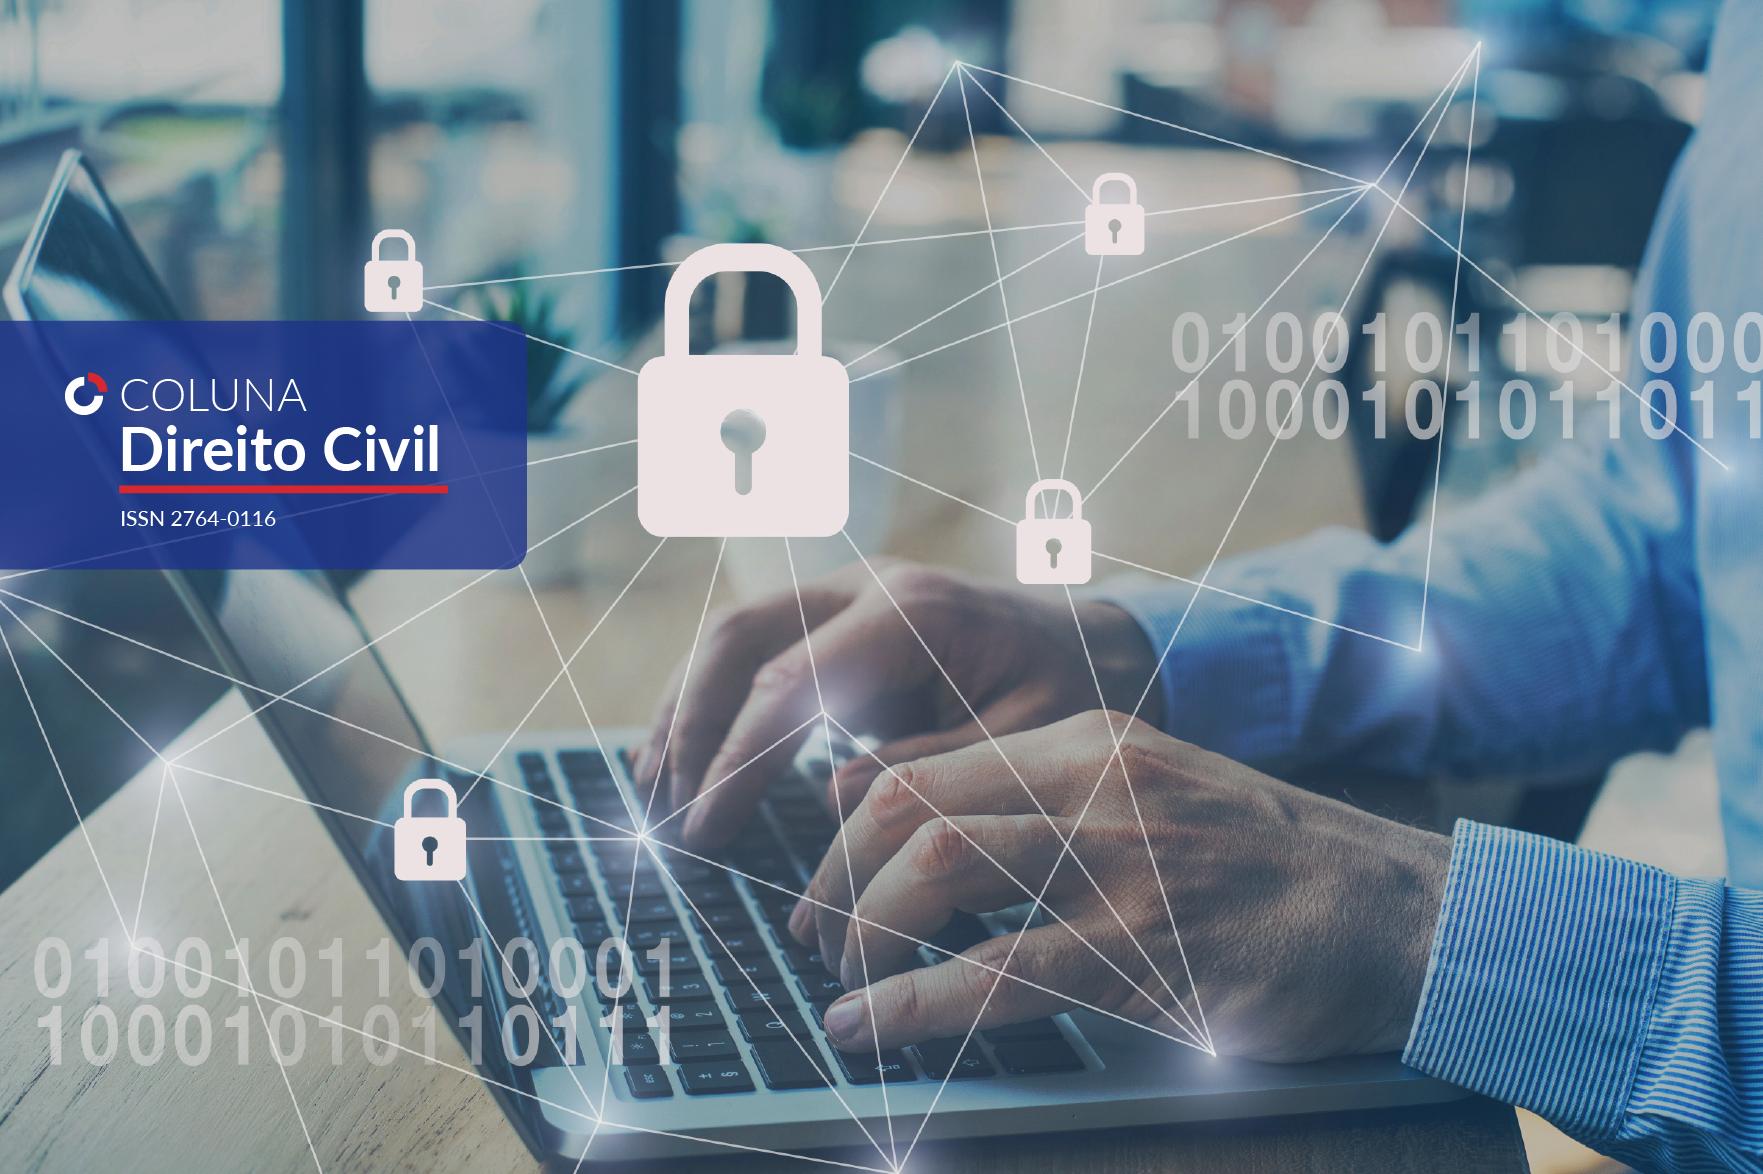 Comentários à MP nº1.068/21, sua inconstitucionalidade e as alterações pretendidas no Marco Civil da Internet | Coluna Direito Civil